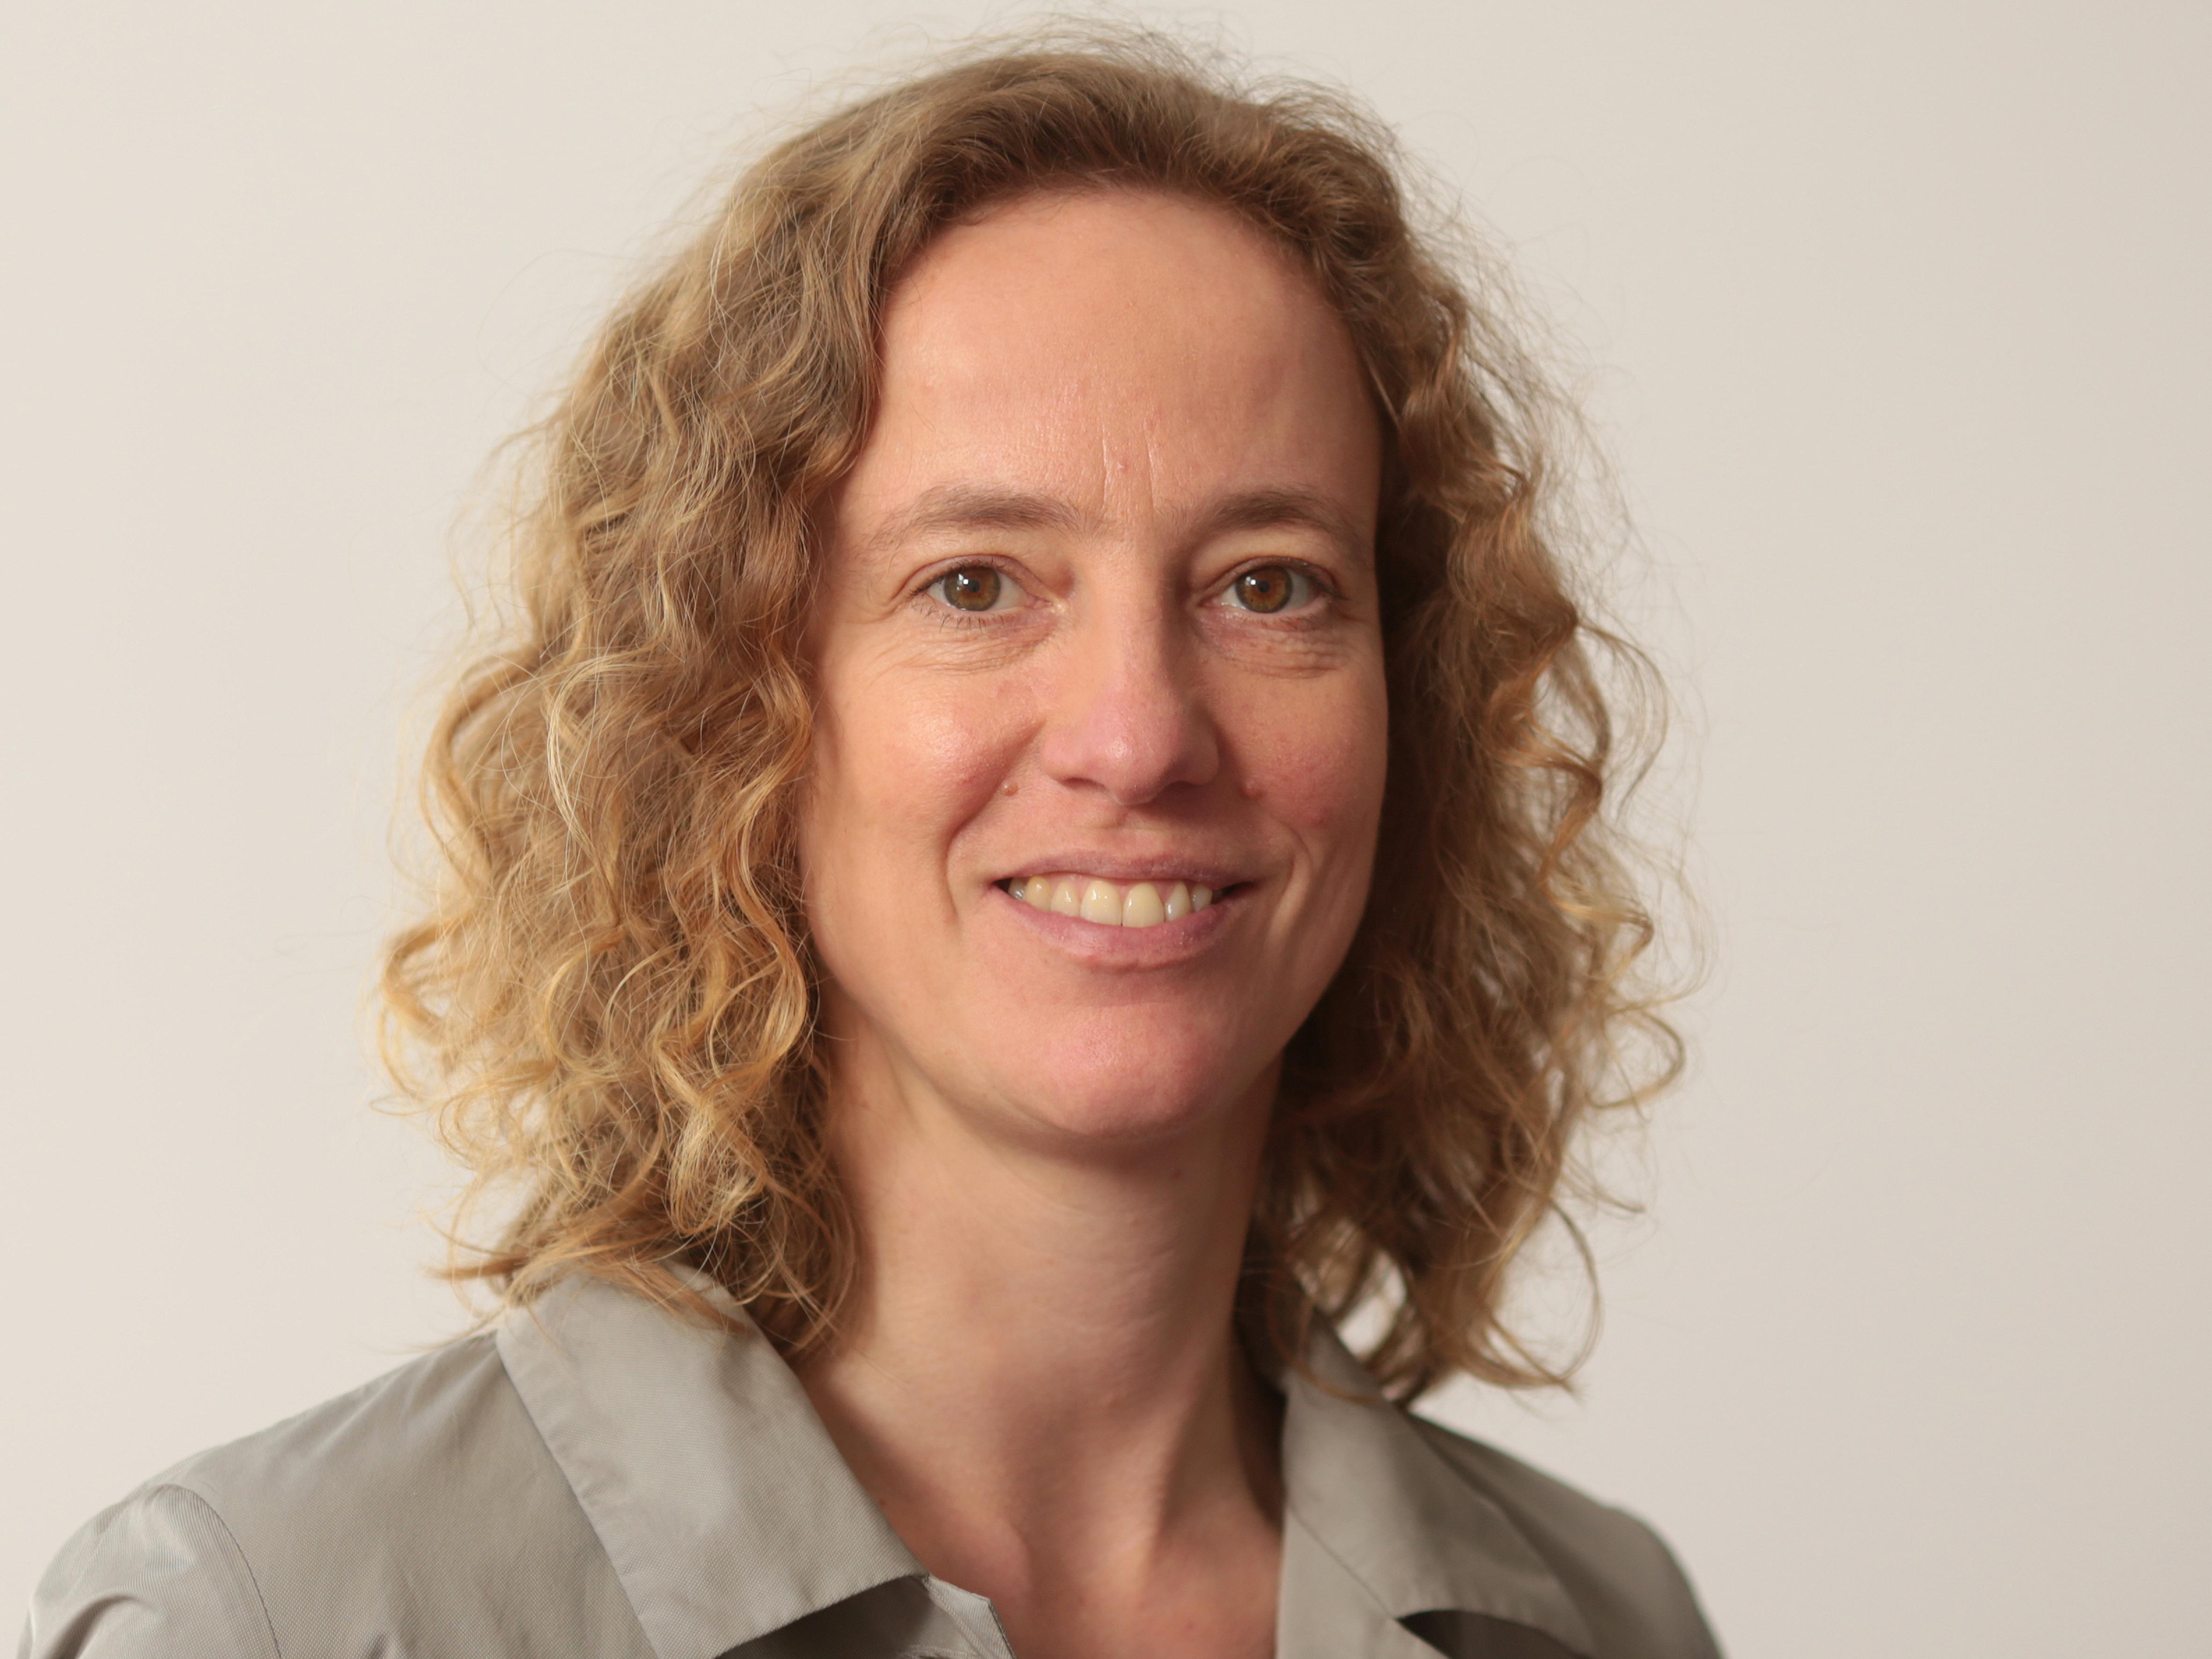 Professorin Angela Tillmann